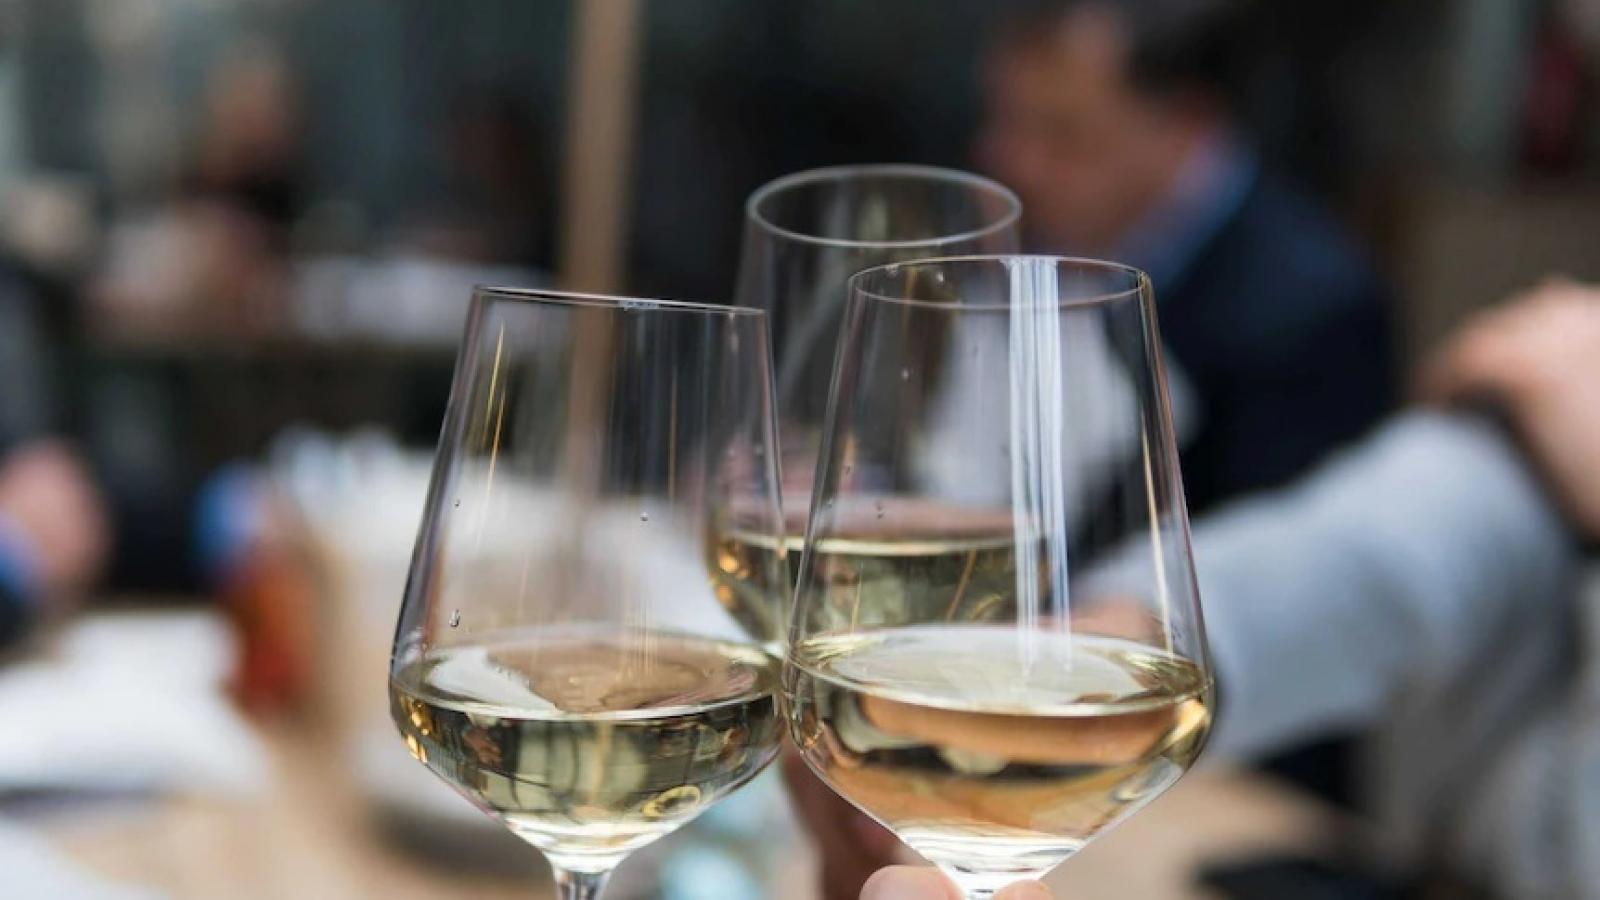 Australia khiếu nại thuế rượu vang của Trung Quốc lên WTO